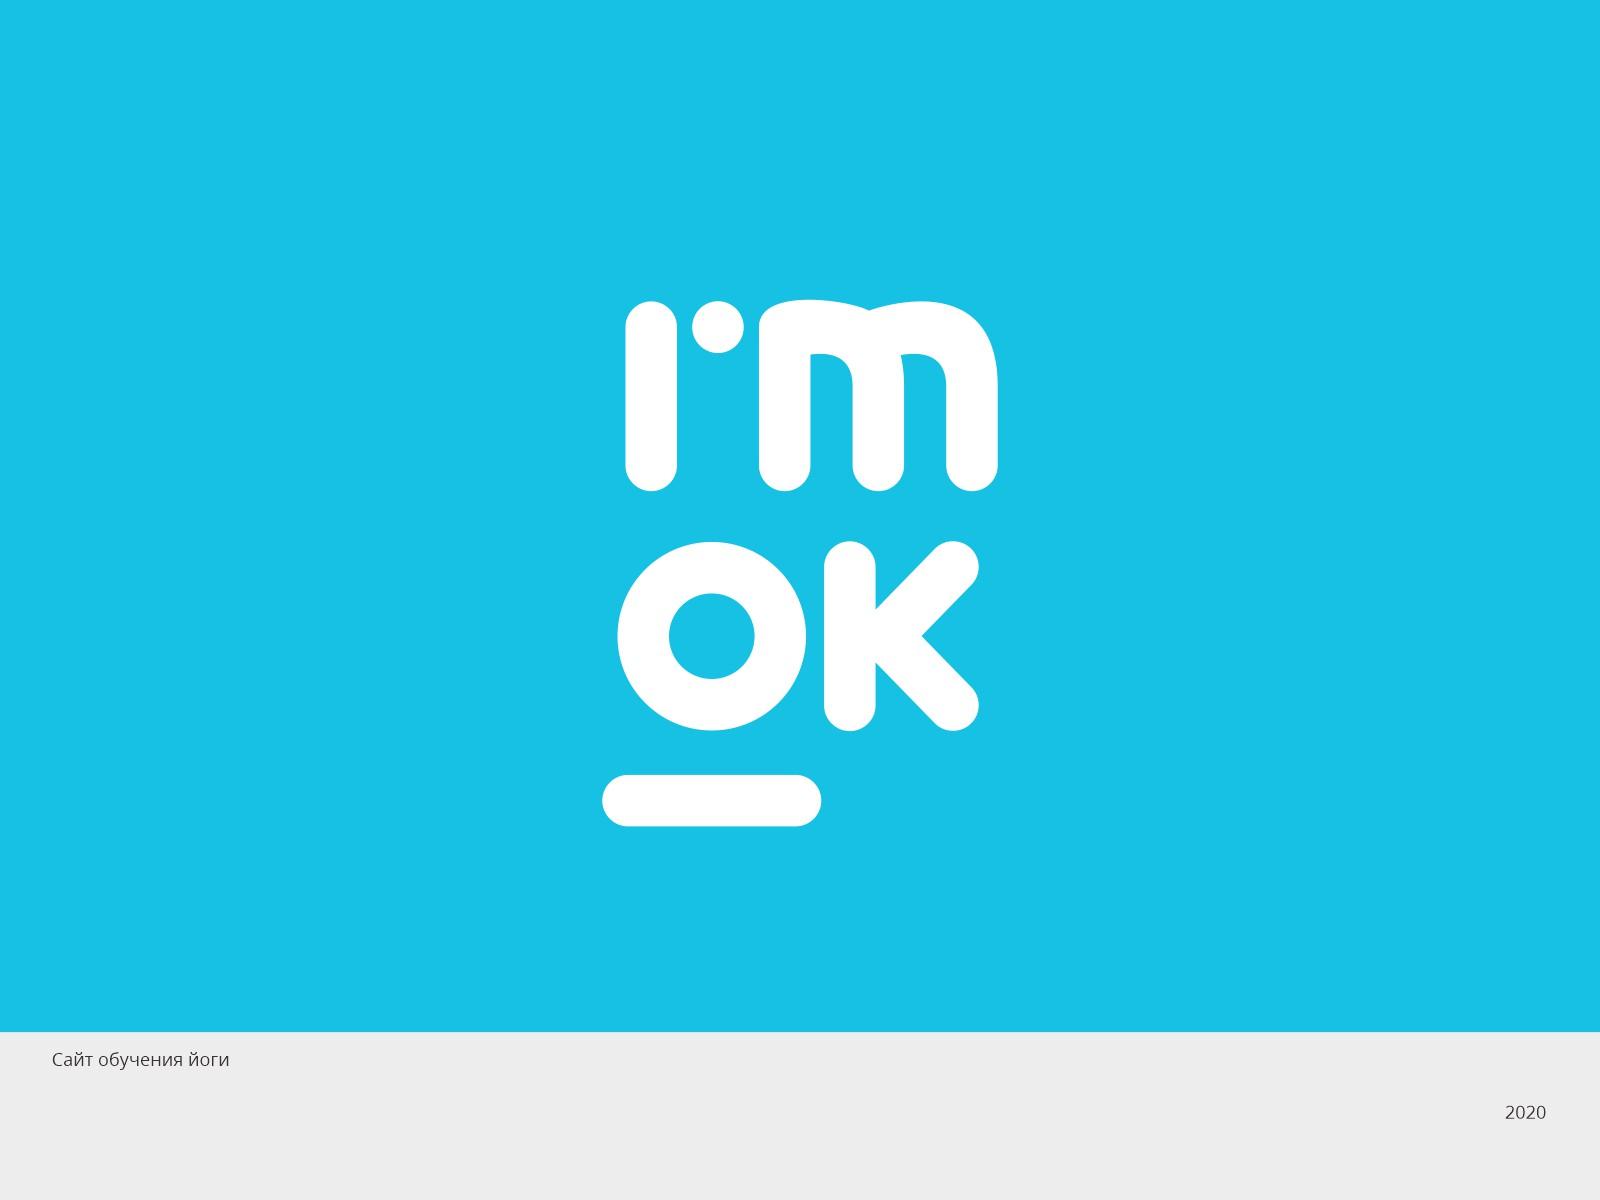 Логотип I'm OK